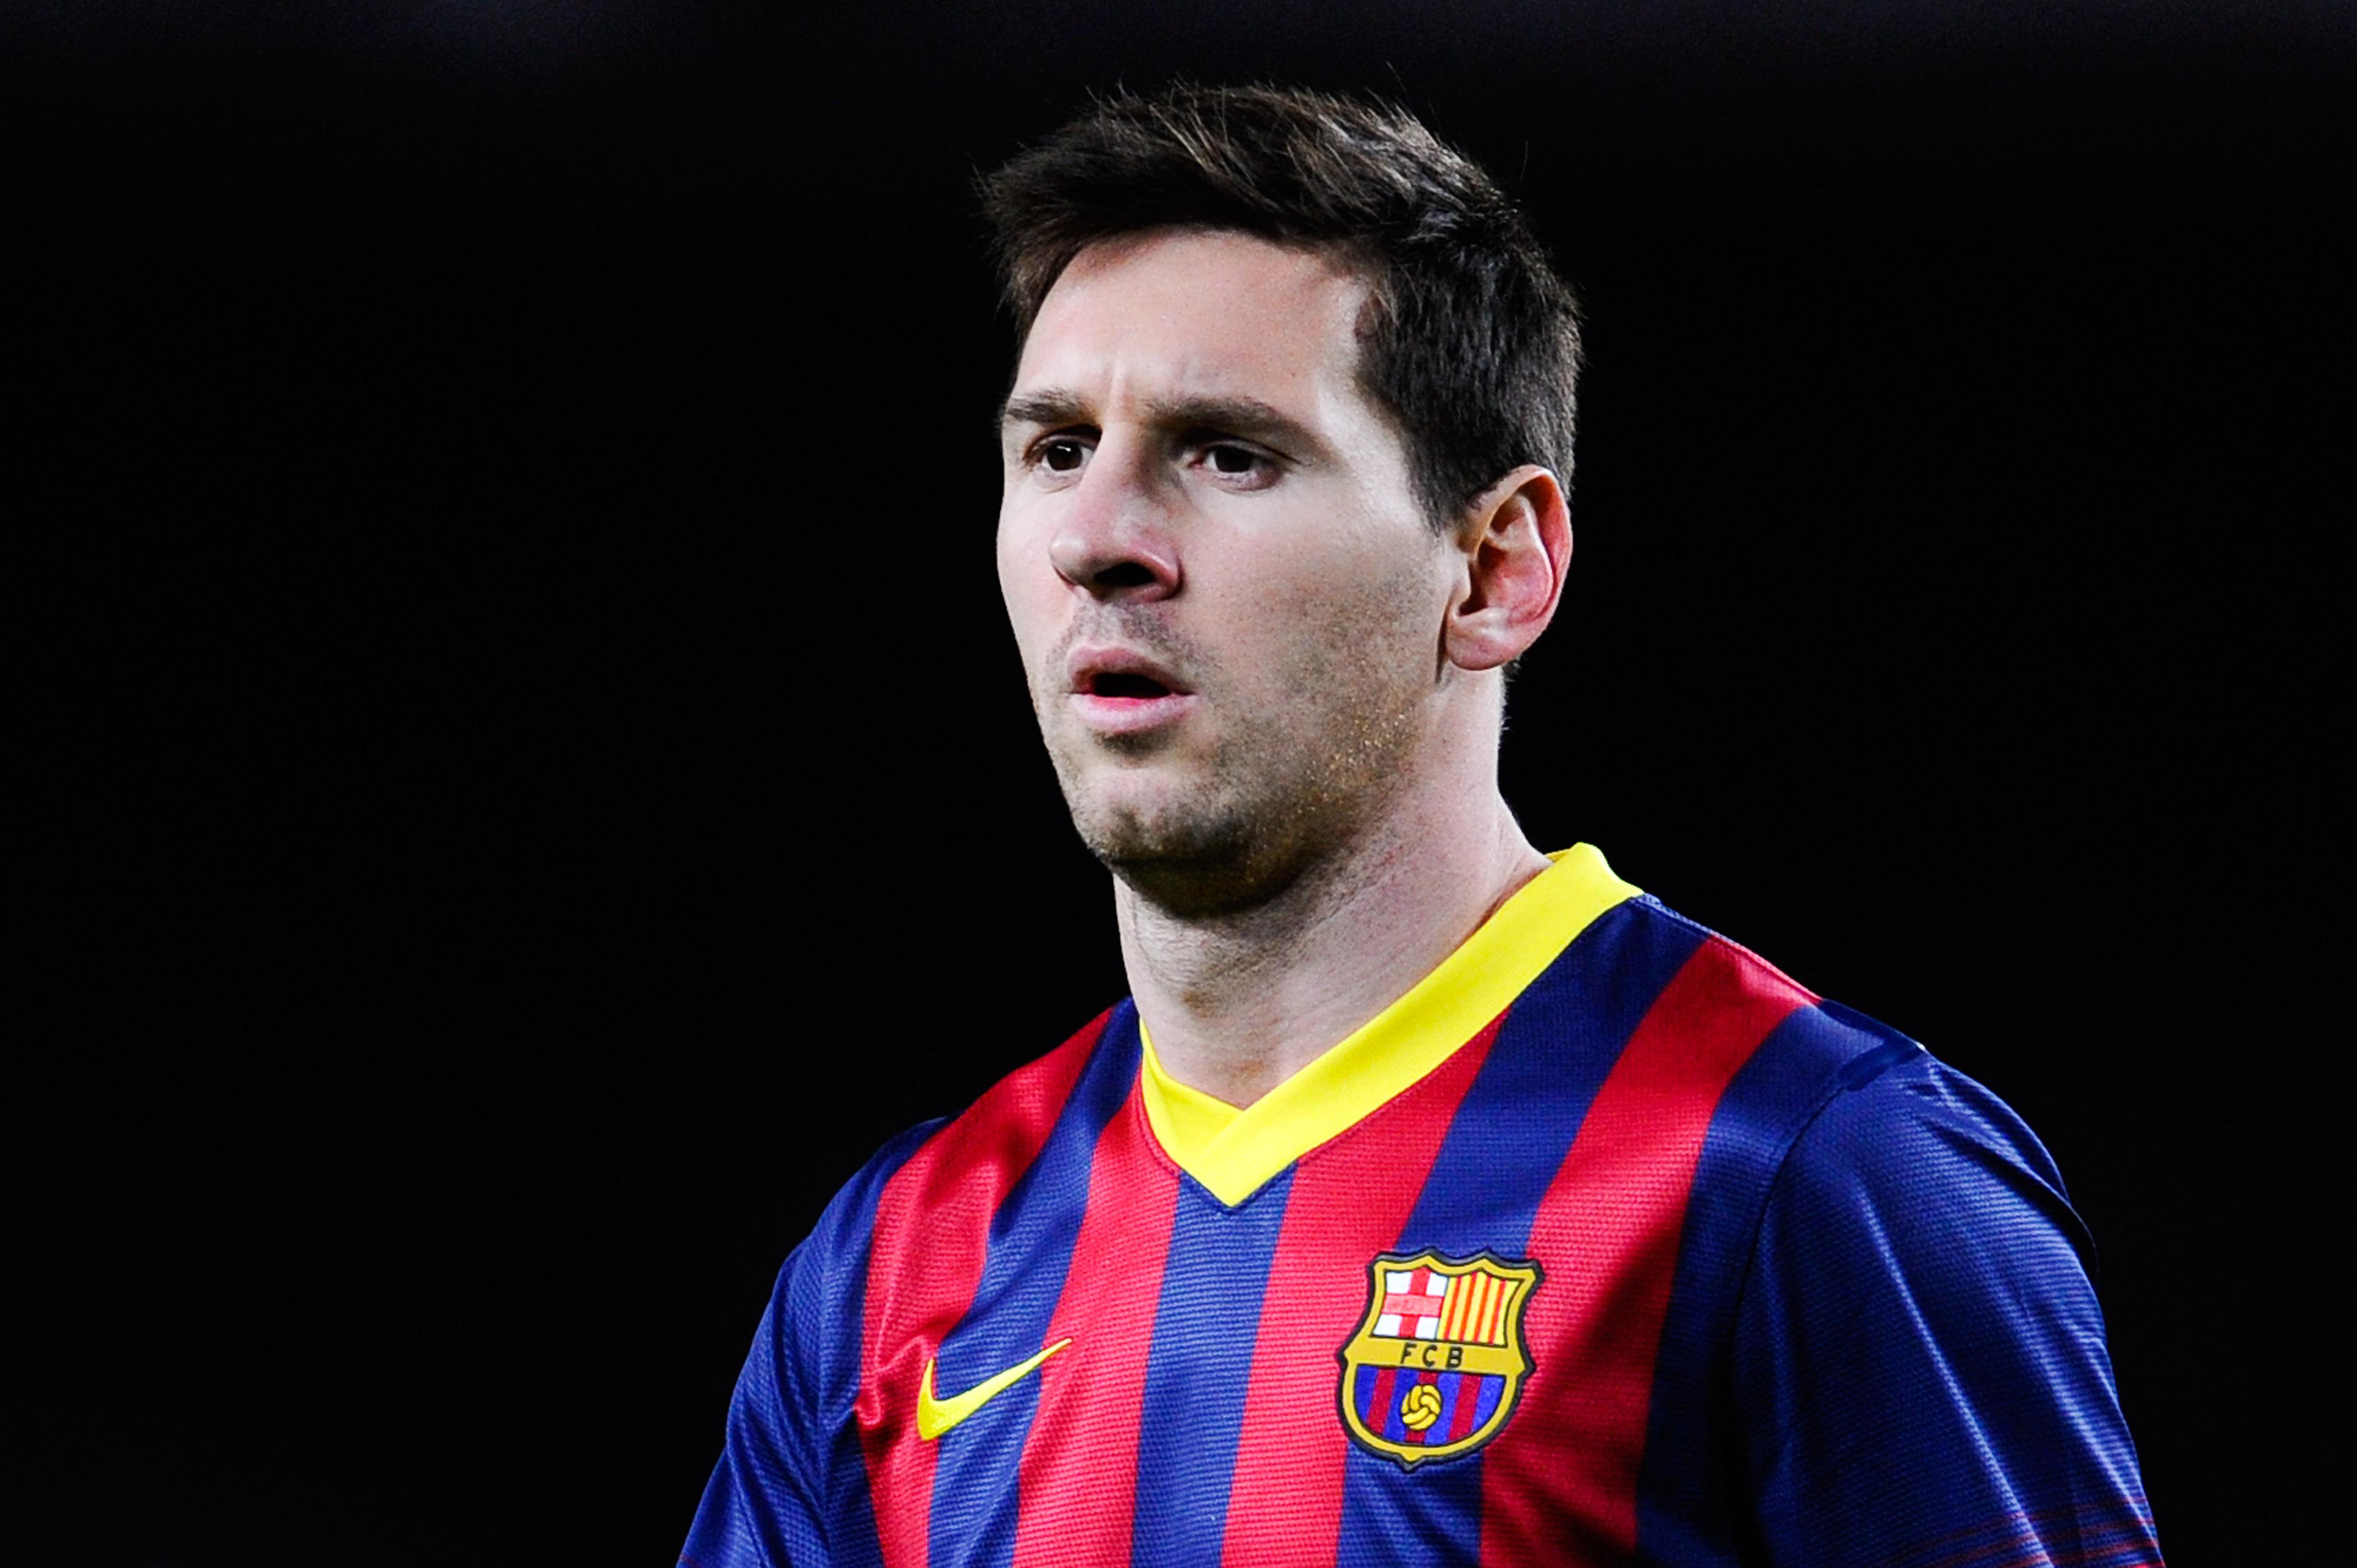 Футболист и зрелая 11 фотография